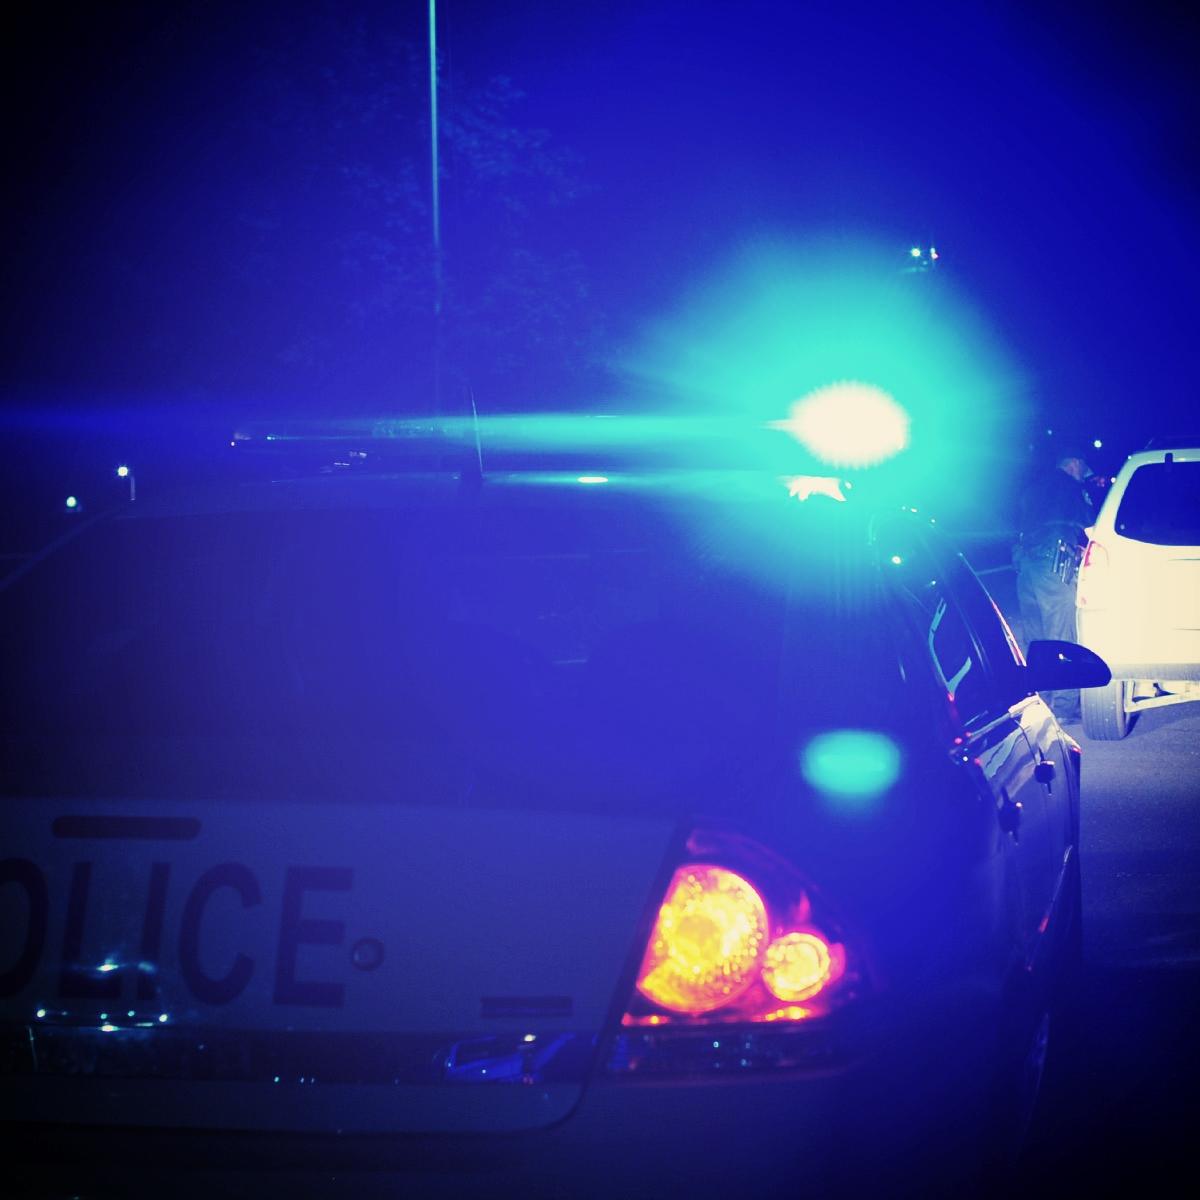 - Law Enforcement